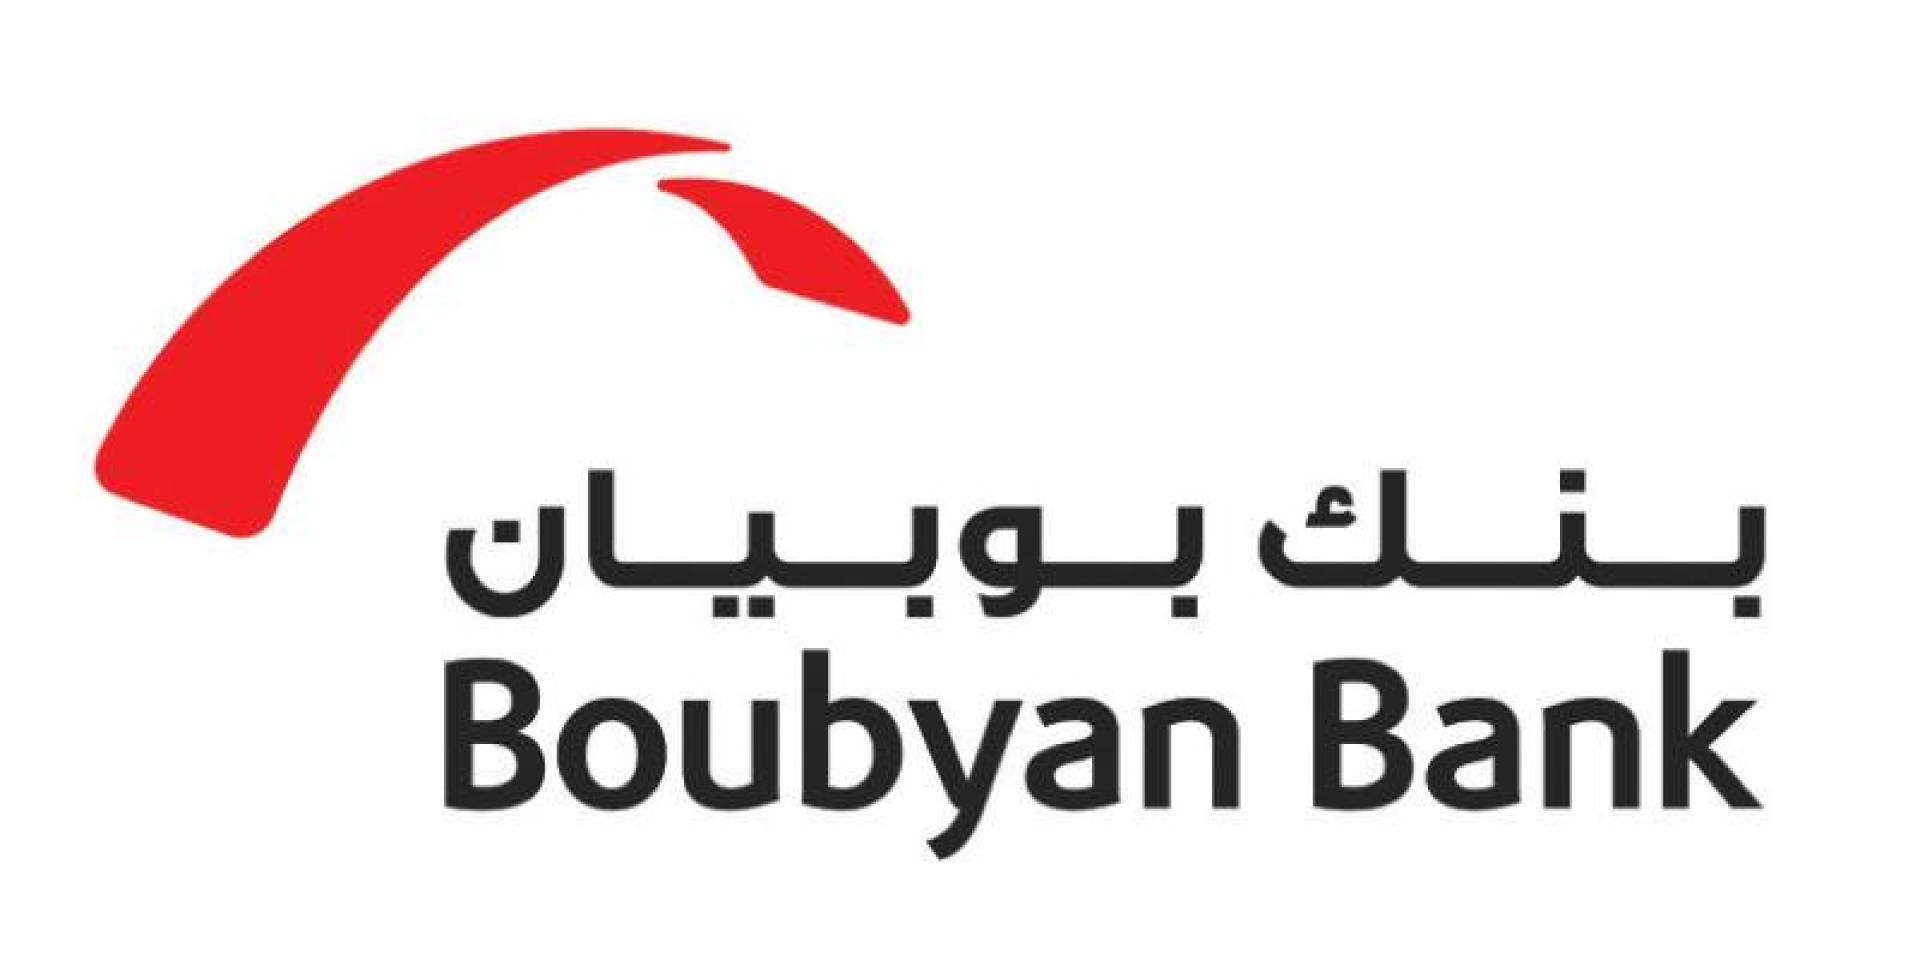 «بوبيان» مستمر مع عملائه عبر قنواته الإلكترونية